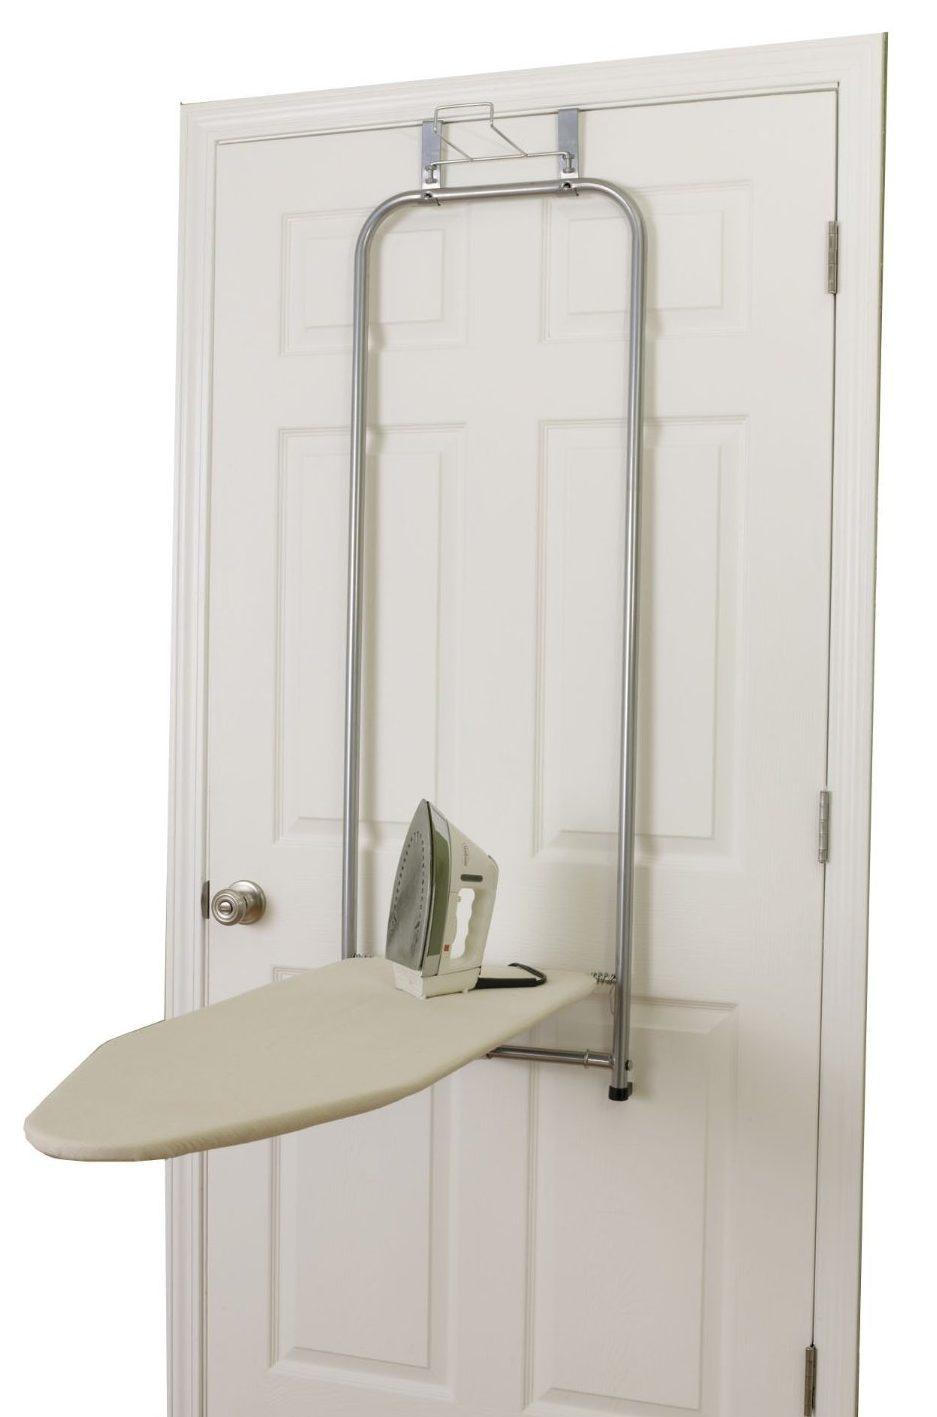 Over The Door 3 Tier Bathroom Towel Bar Rack Chrome W: Over The Door Ironing Board Reviews : 2 Top Rated Models